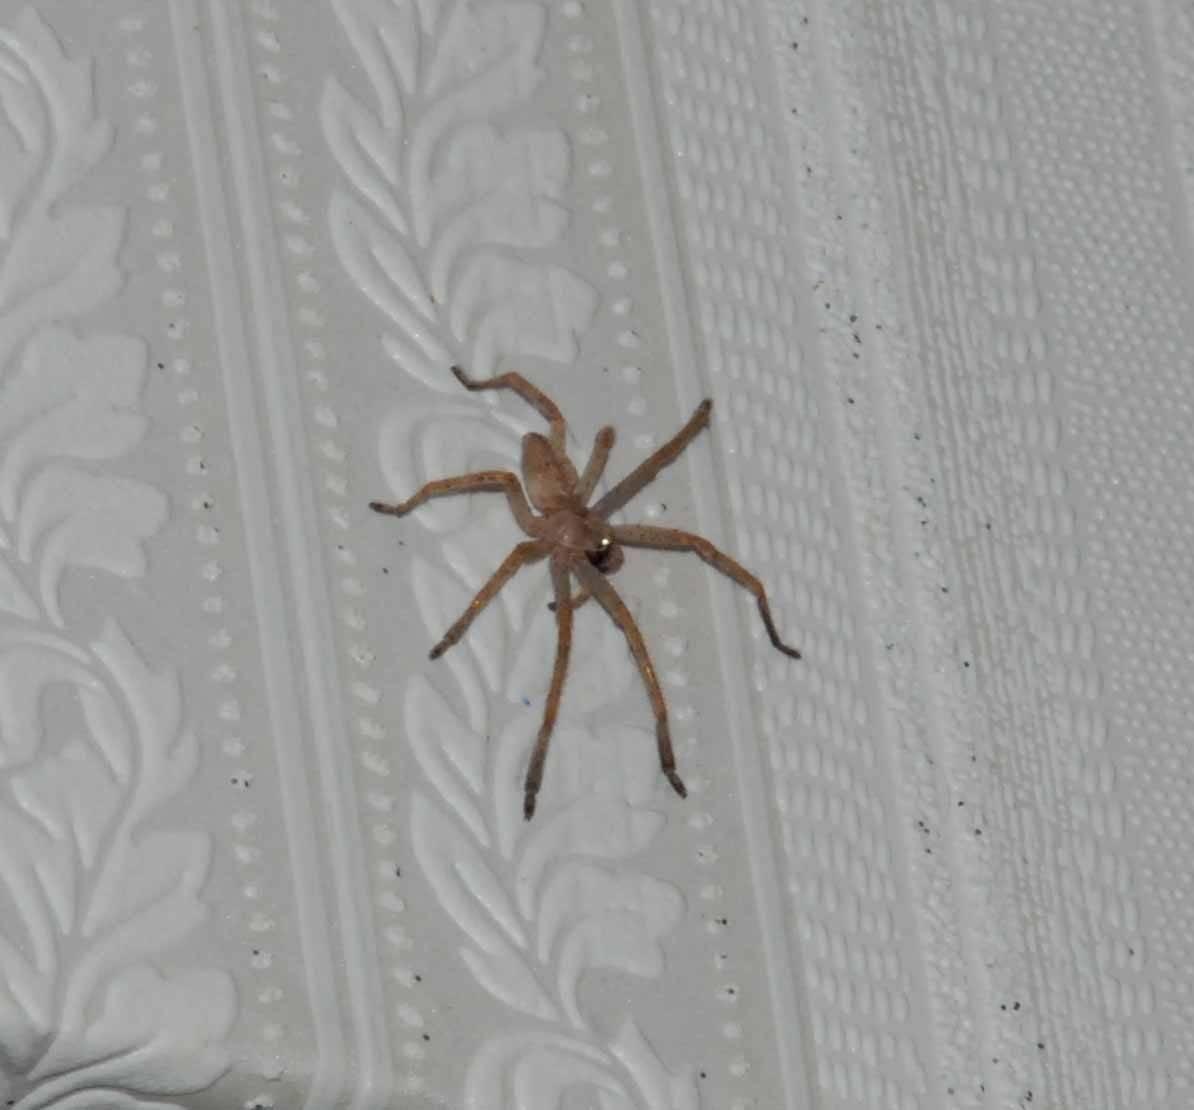 Как изгнать пауков из дома. верные способы избавиться от пауков, поселившихся у вас дома